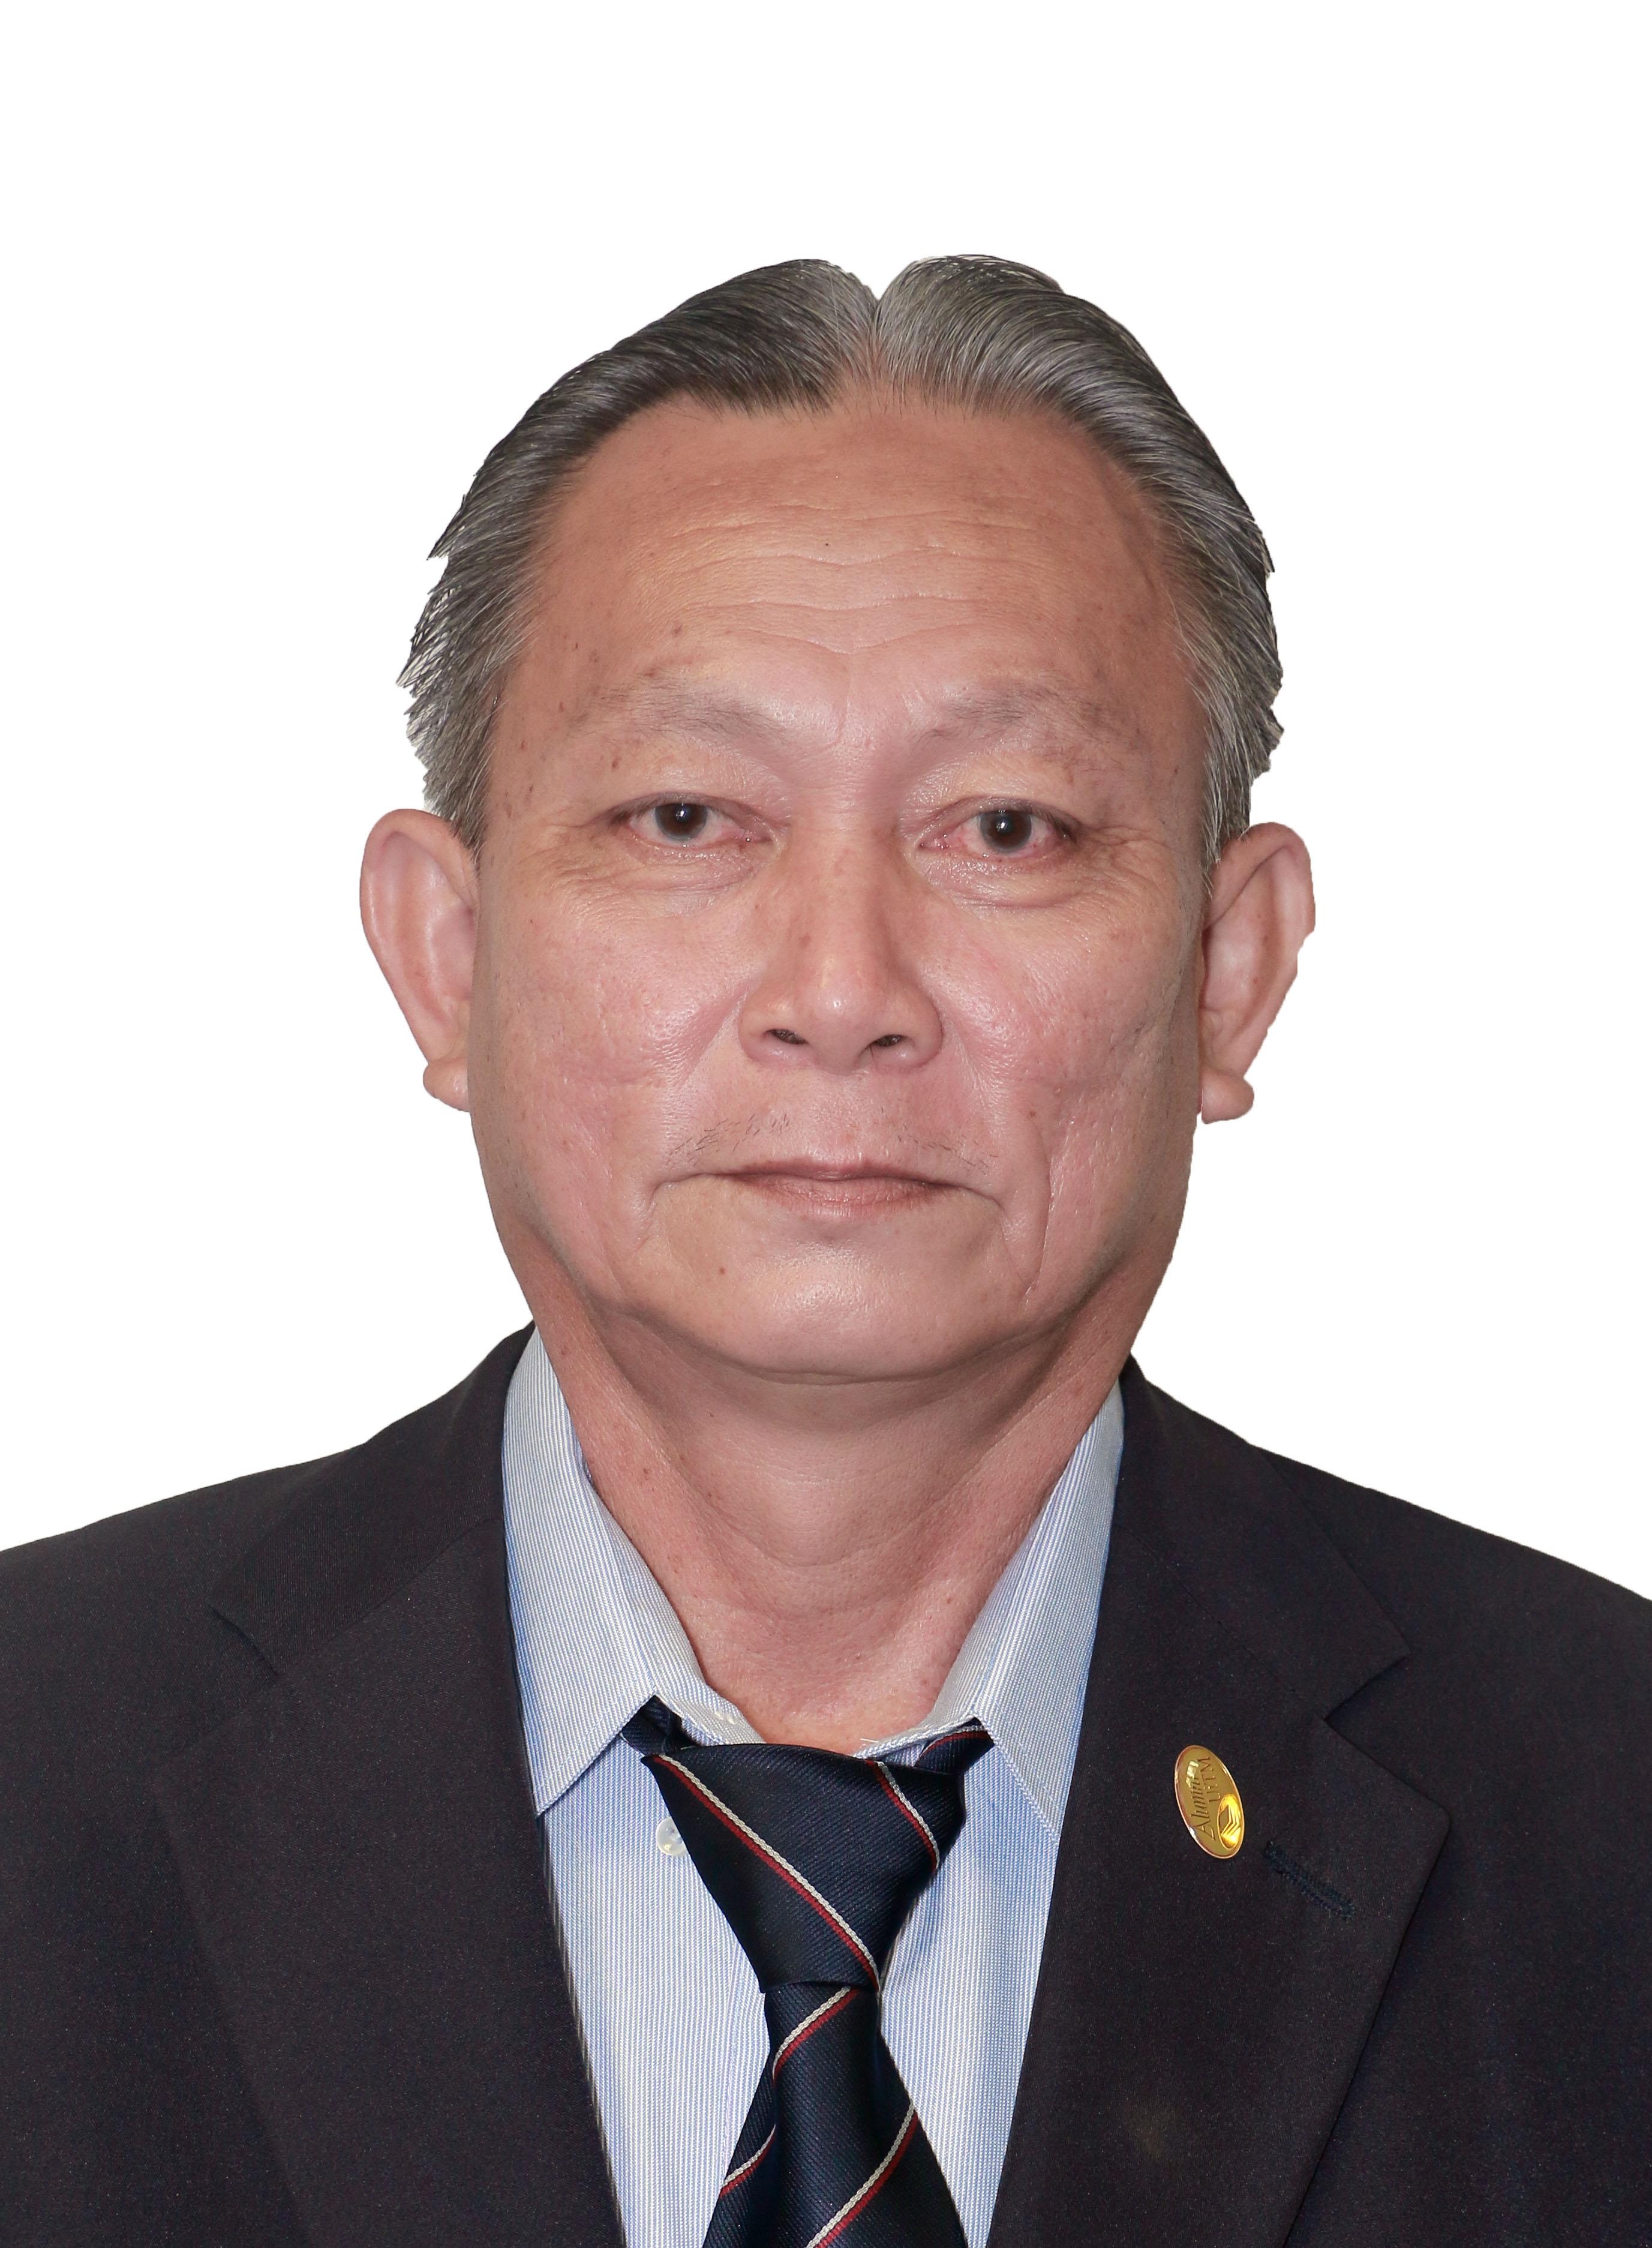 Ben Lim Chai Soon